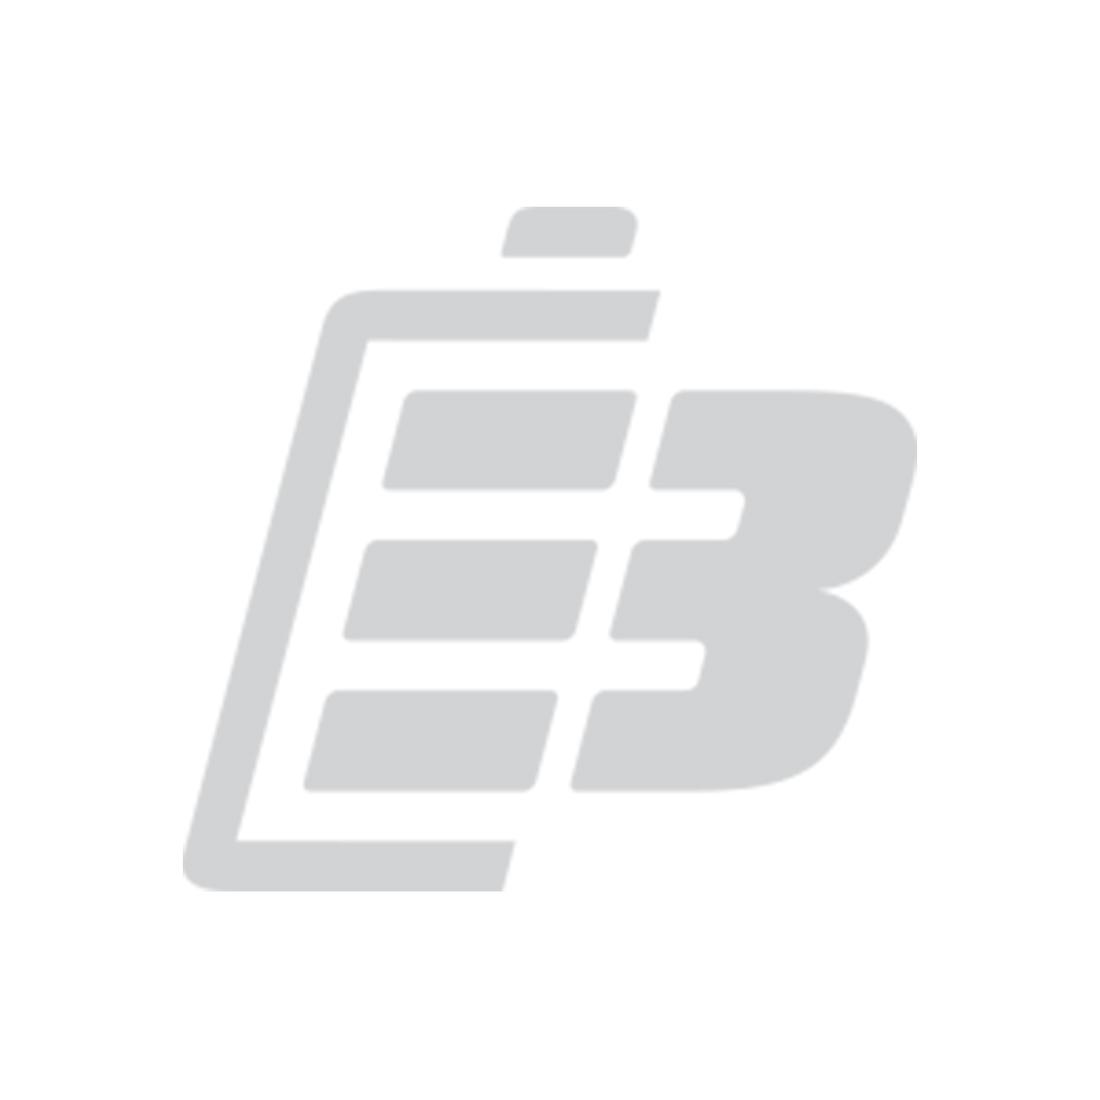 Μπαταρία ασύρματων ακουστικών Sony SBH-20_1